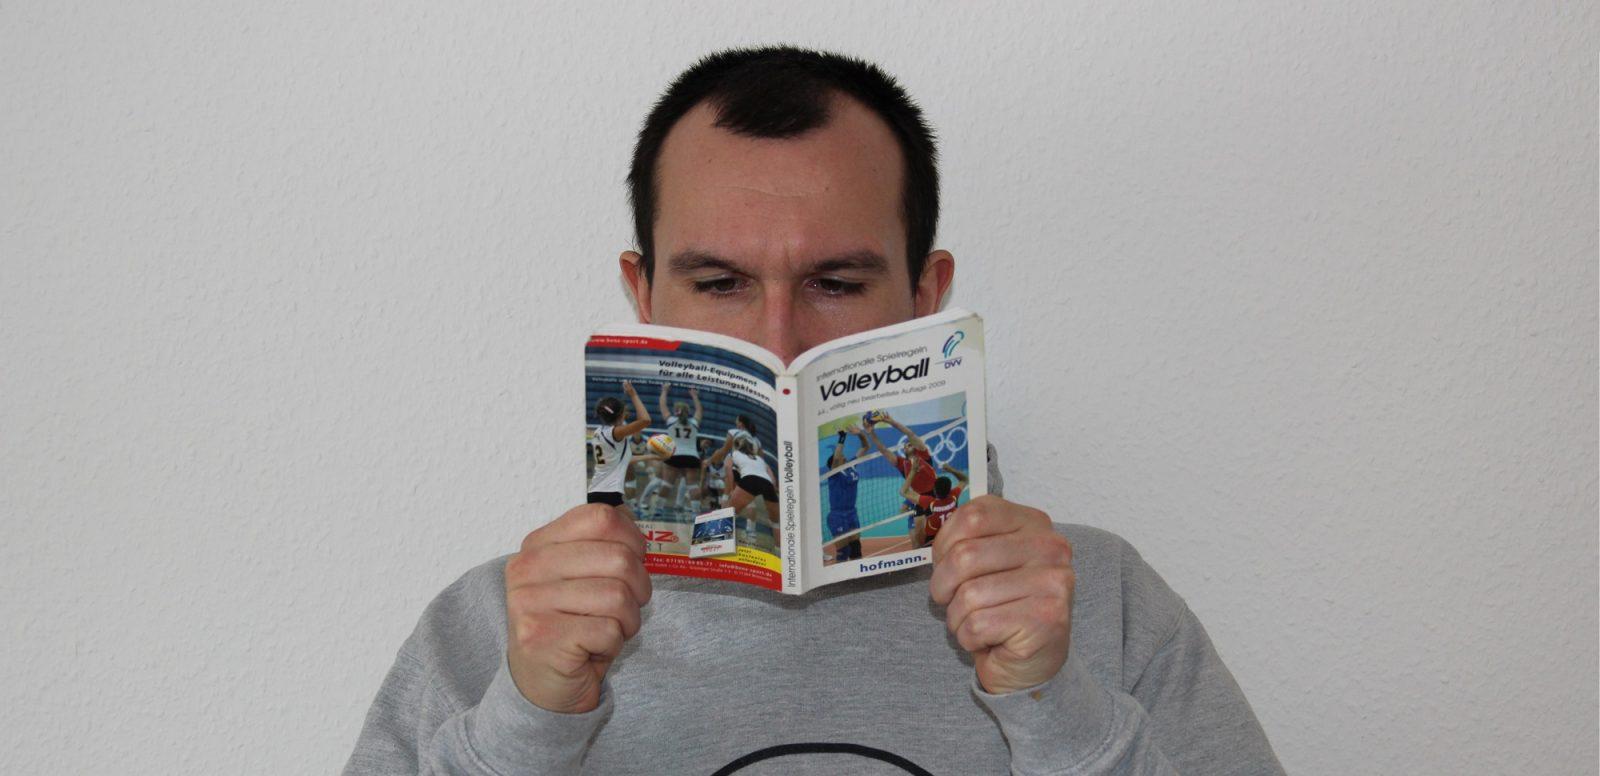 Volleyball Regelbuch für Internationale Spielregeln